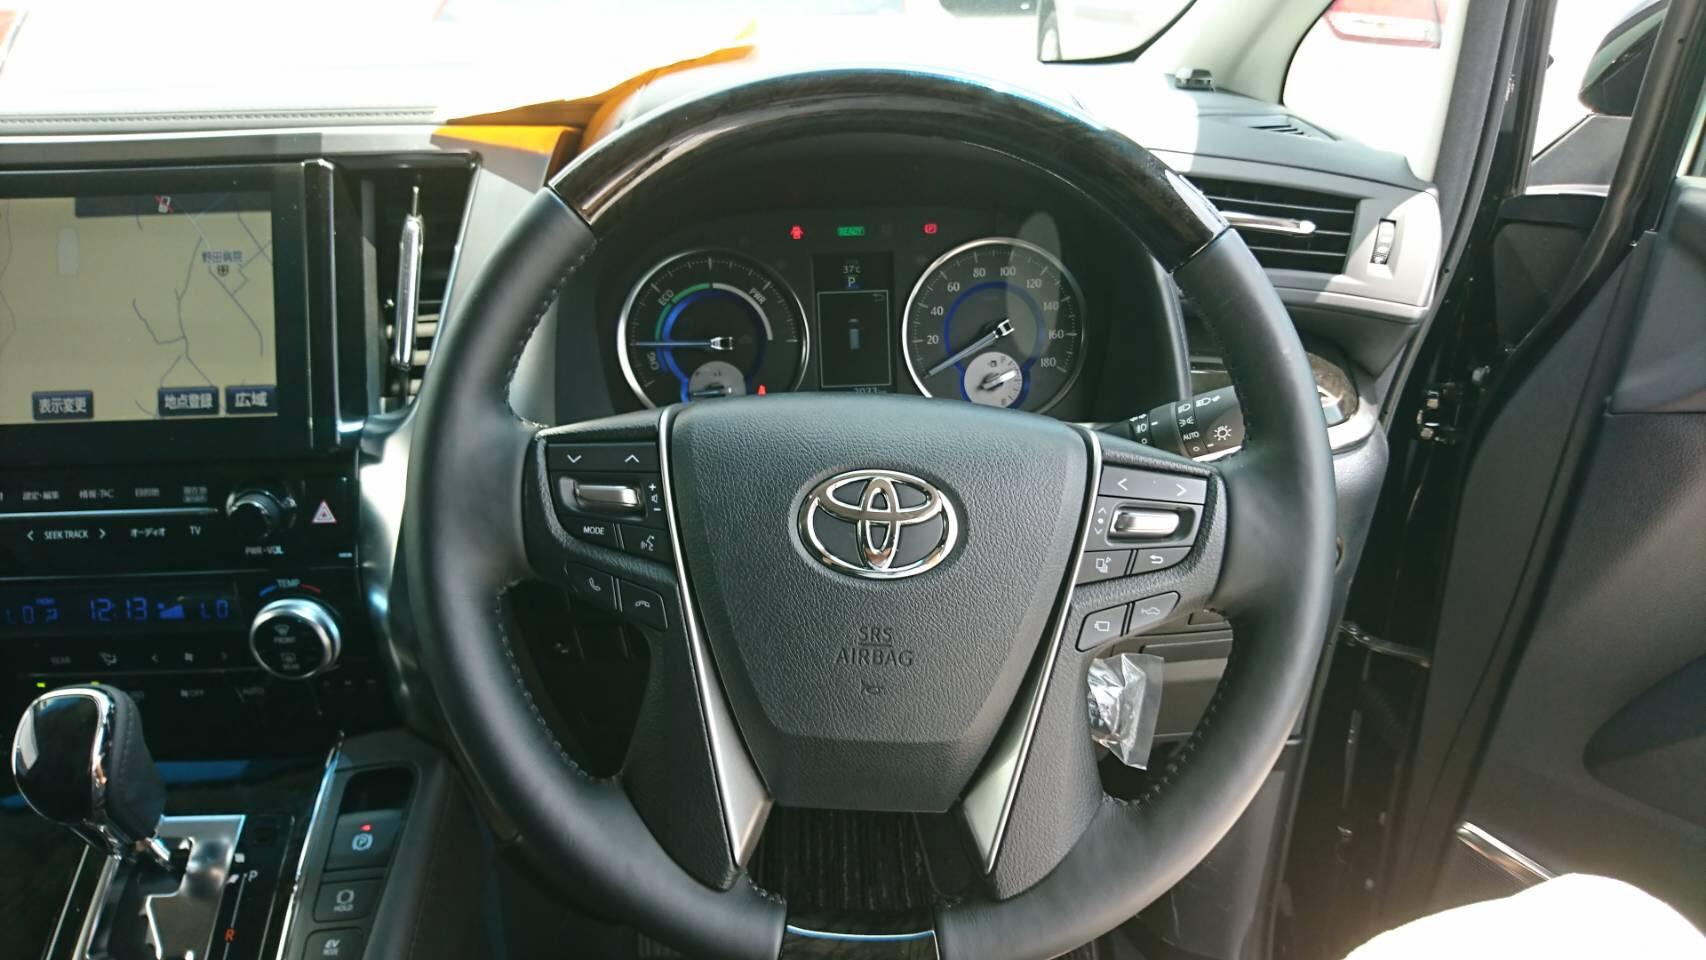 2017 Toyota Alphard Hybrid SR C Package steering wheel 2